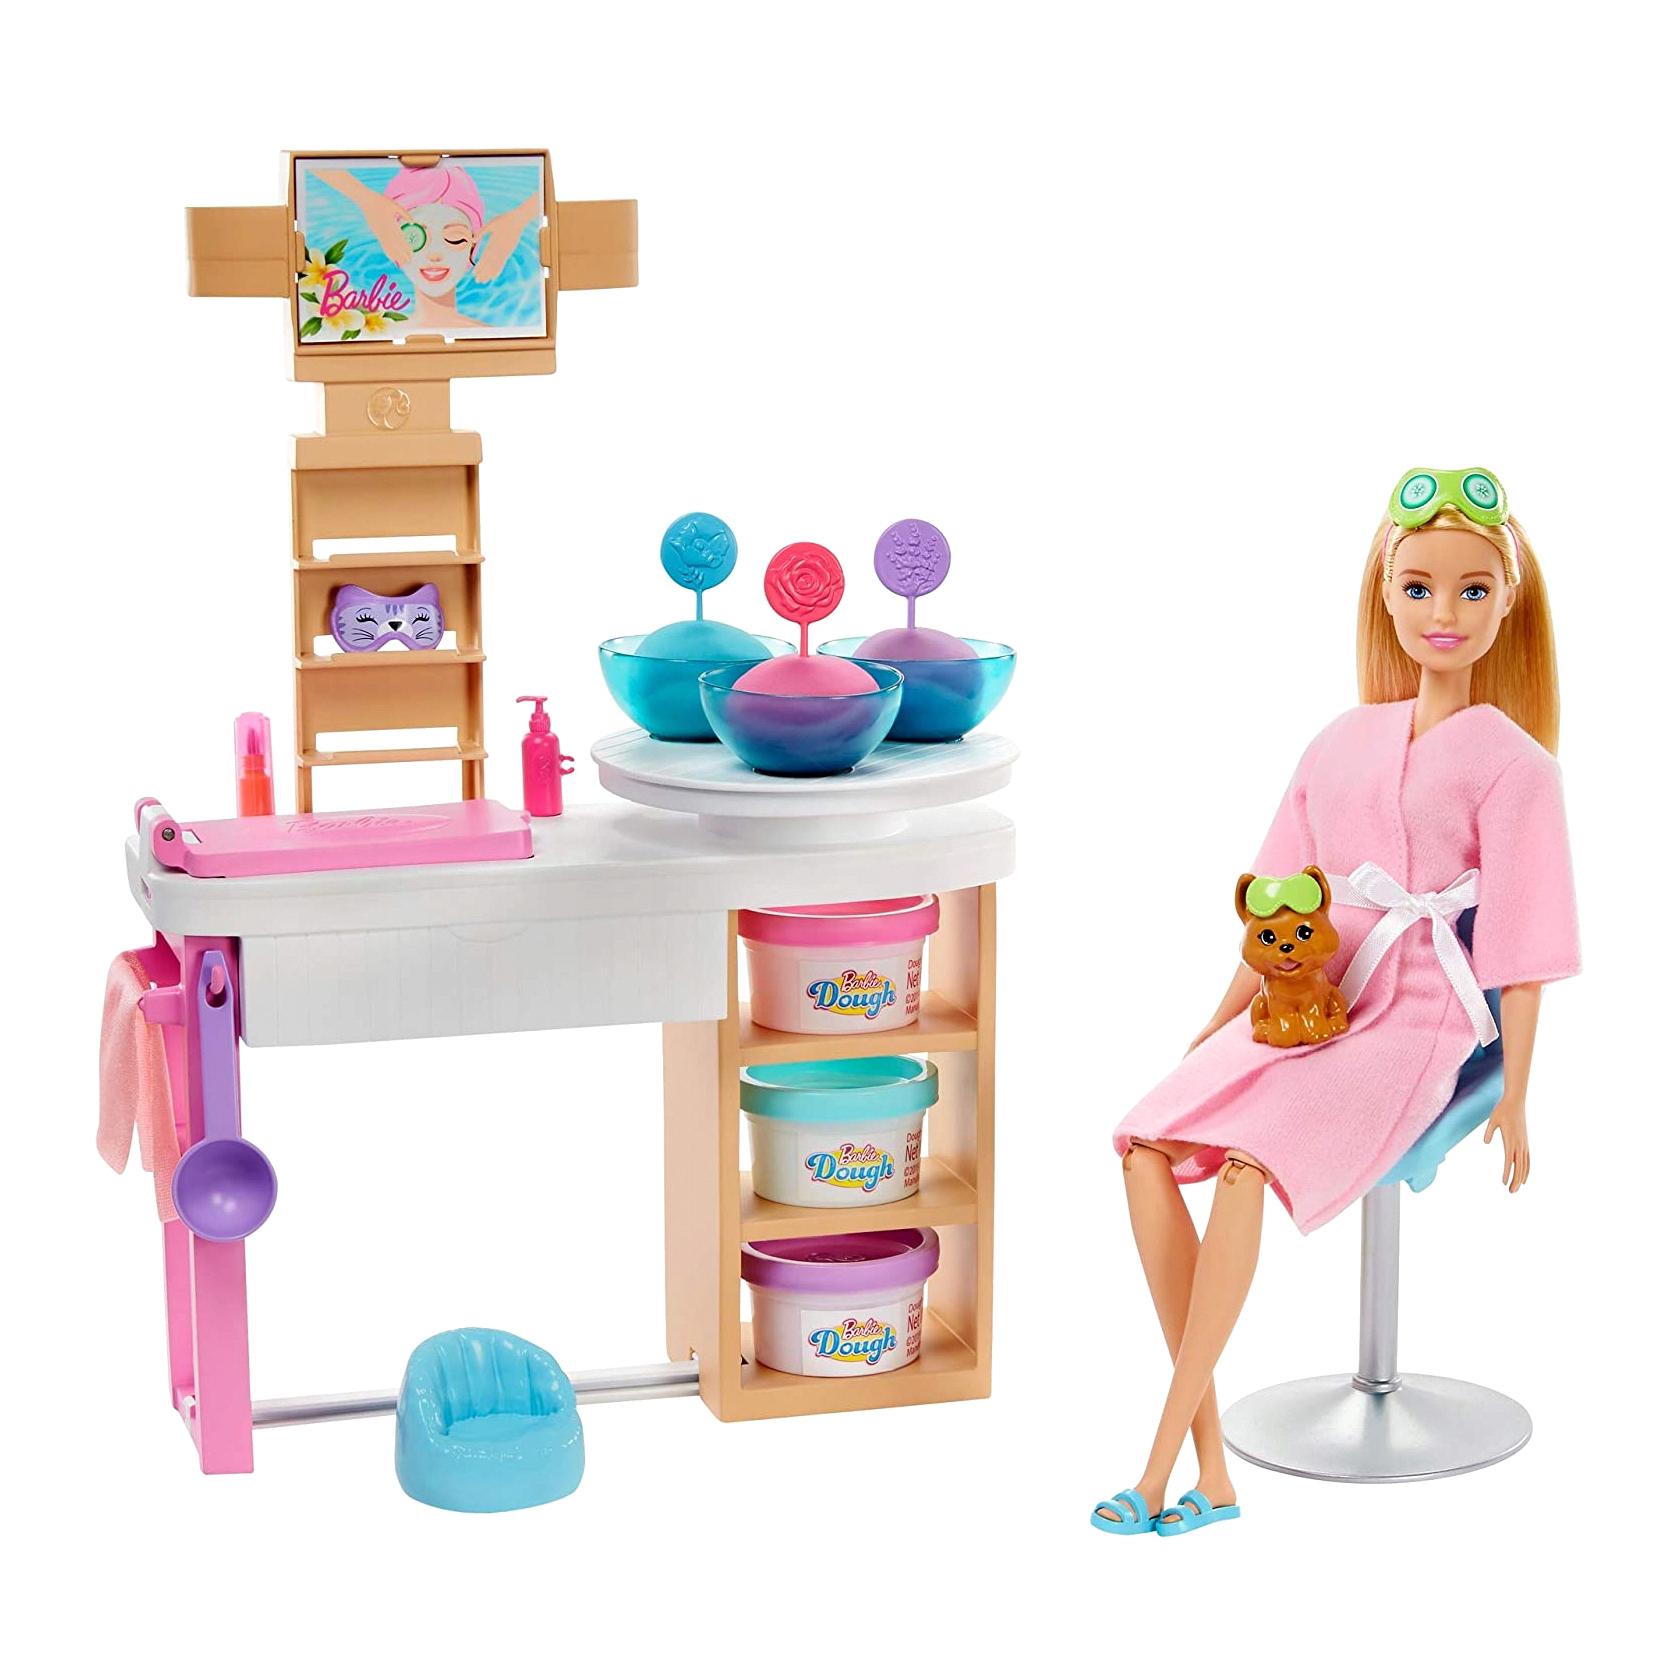 Фото - Набор игровой Barbie Оздоровительный Спа-центр набор игровой barbie оздоровительный спа центр gjr84